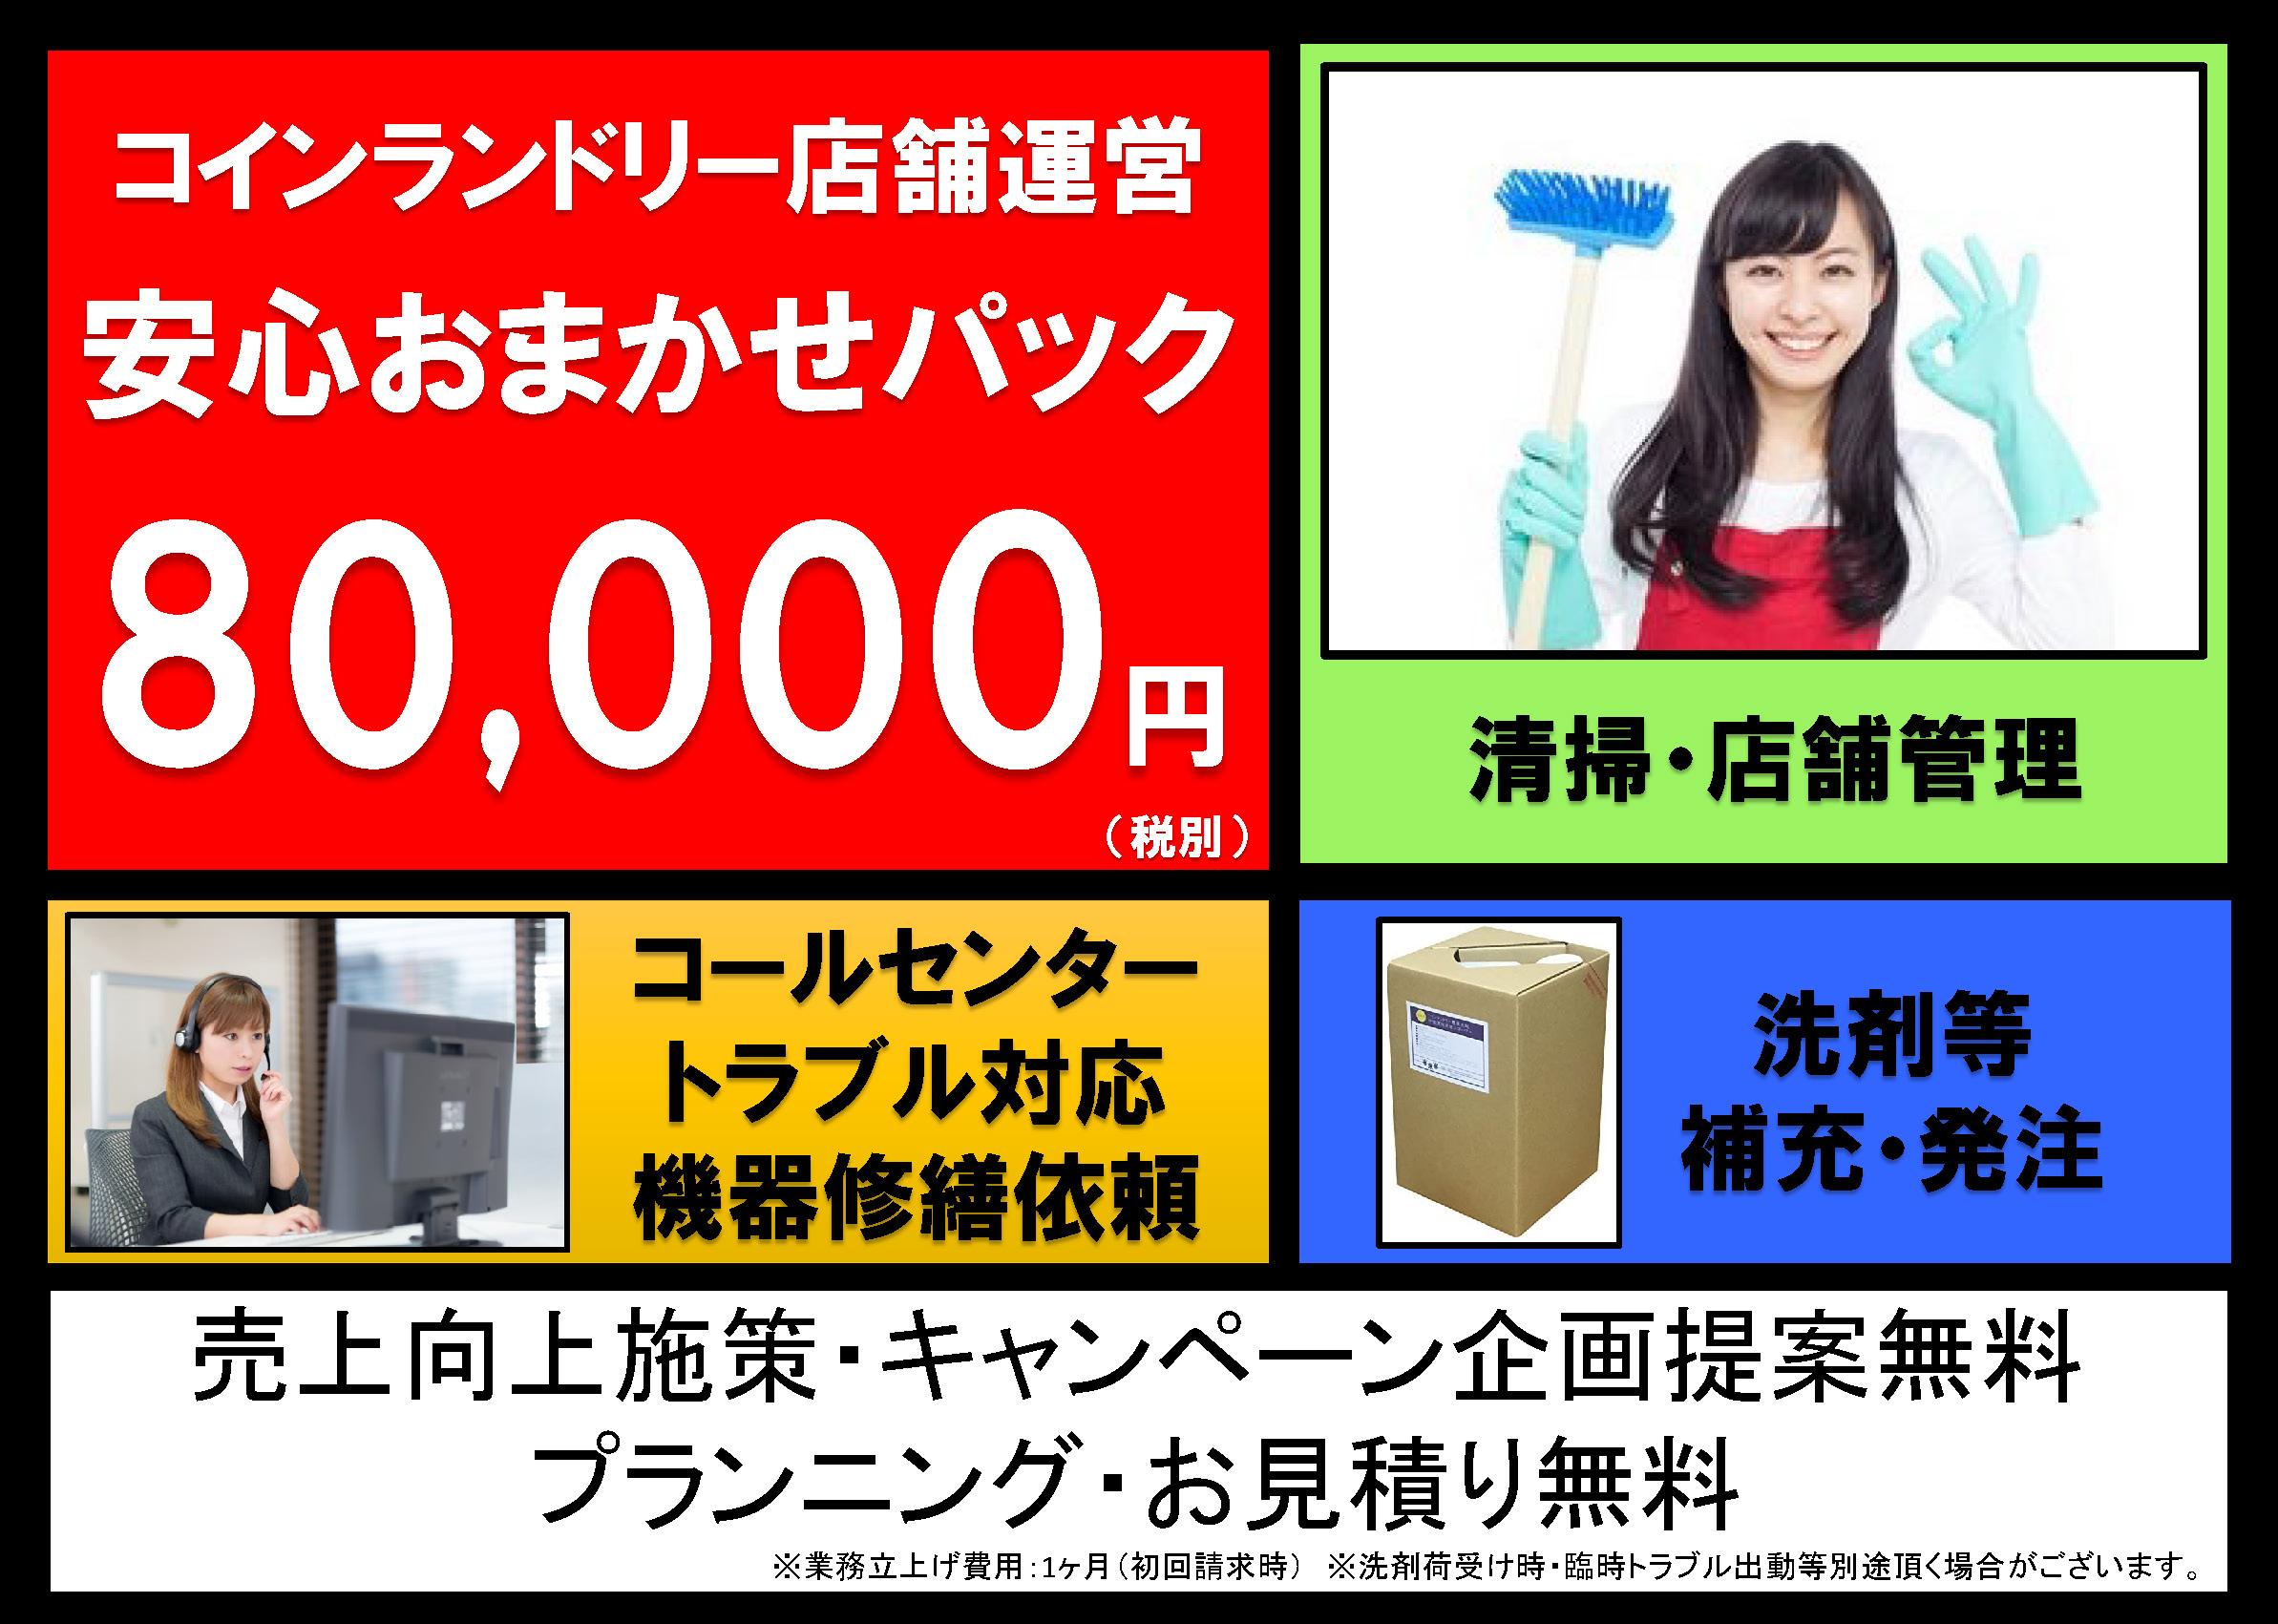 ★新サービスリリース★ 【関東限定!先着10店舗イニシャル費用半額!!】